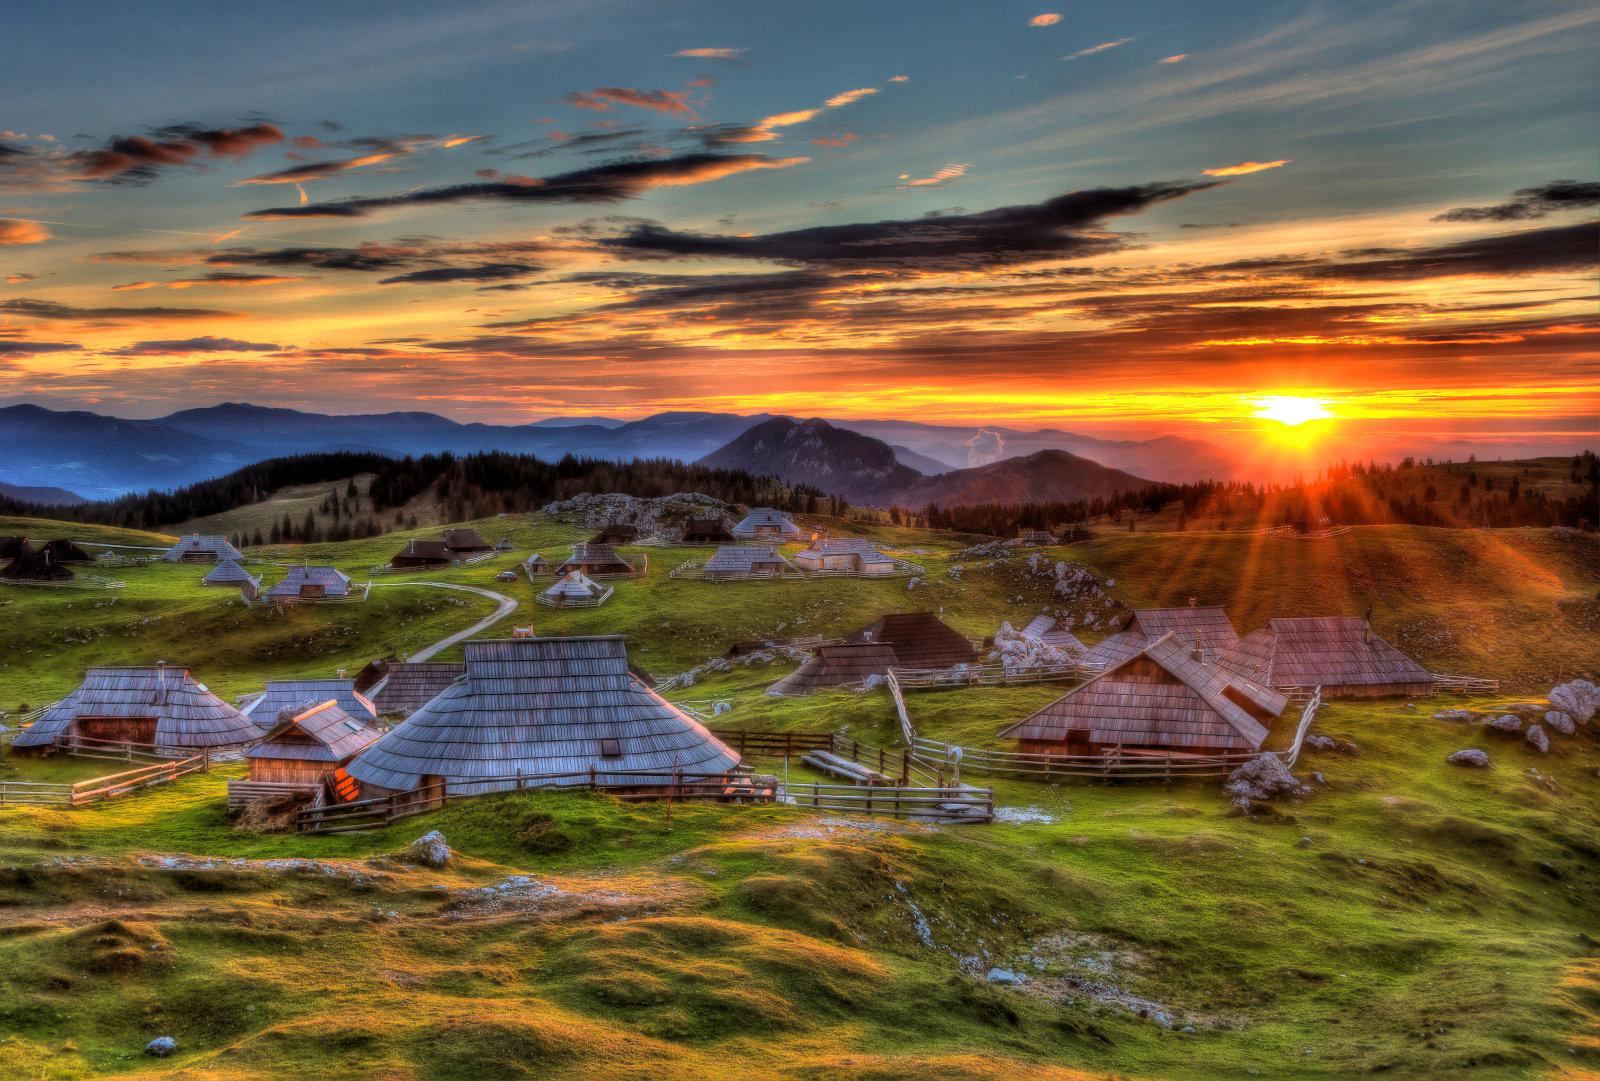 velika-planina-alpine-pasture